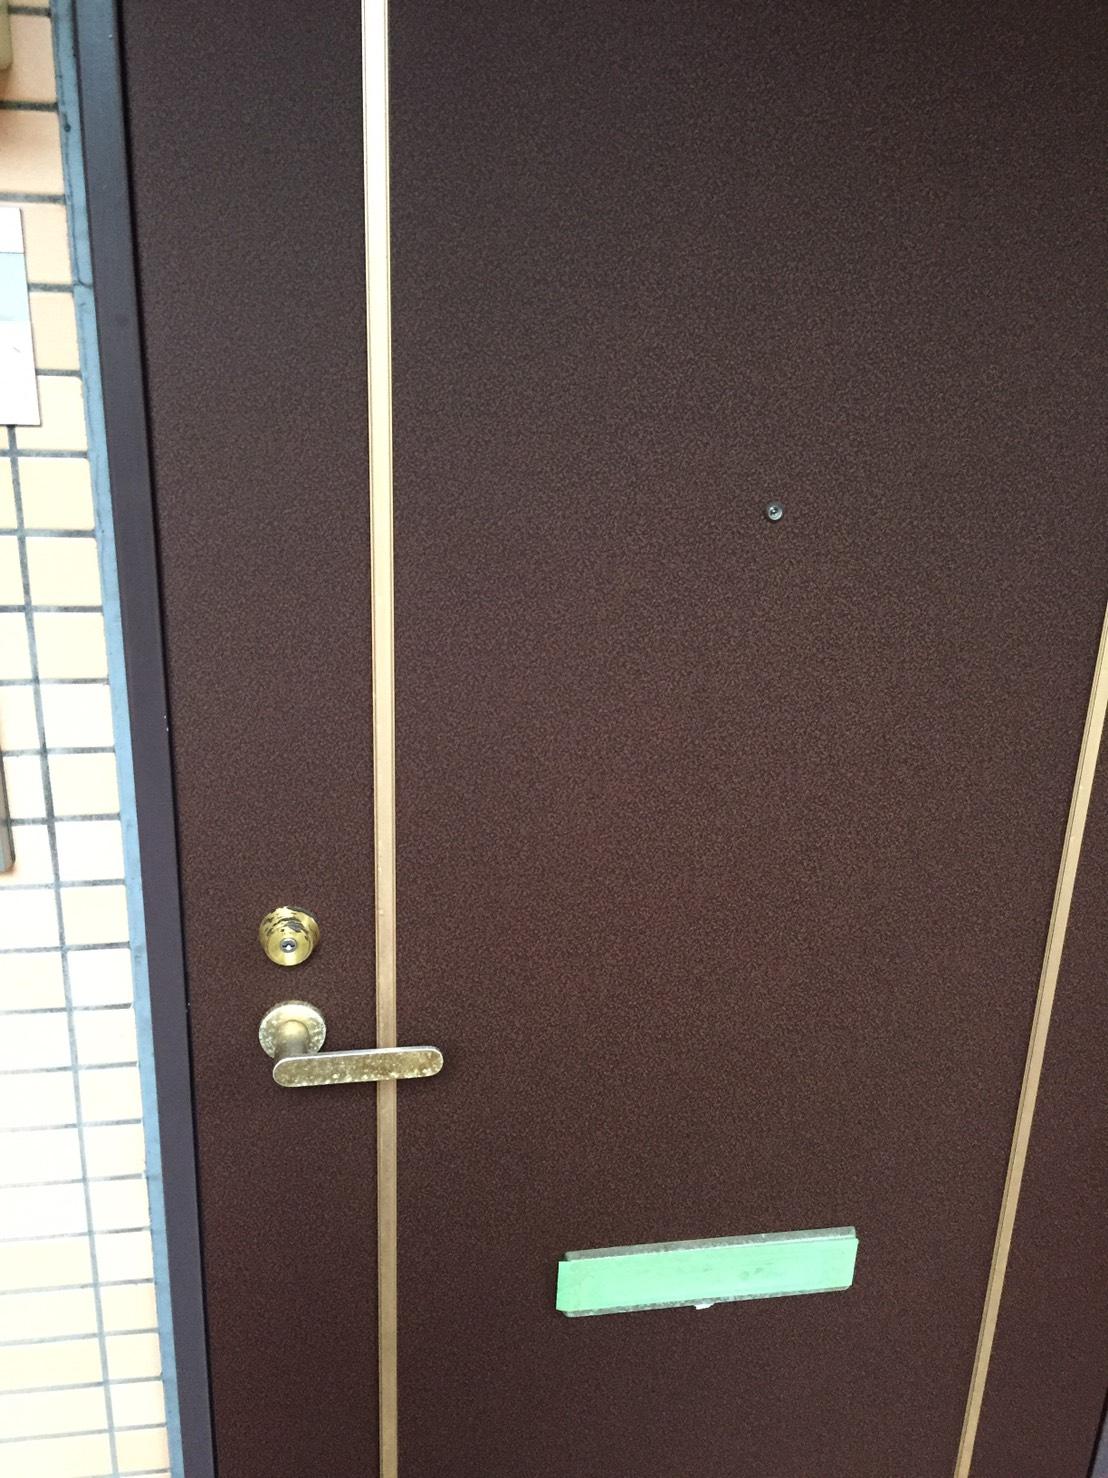 大和市 賃貸マンション35所帯玄関扉ダイノックシート張替え